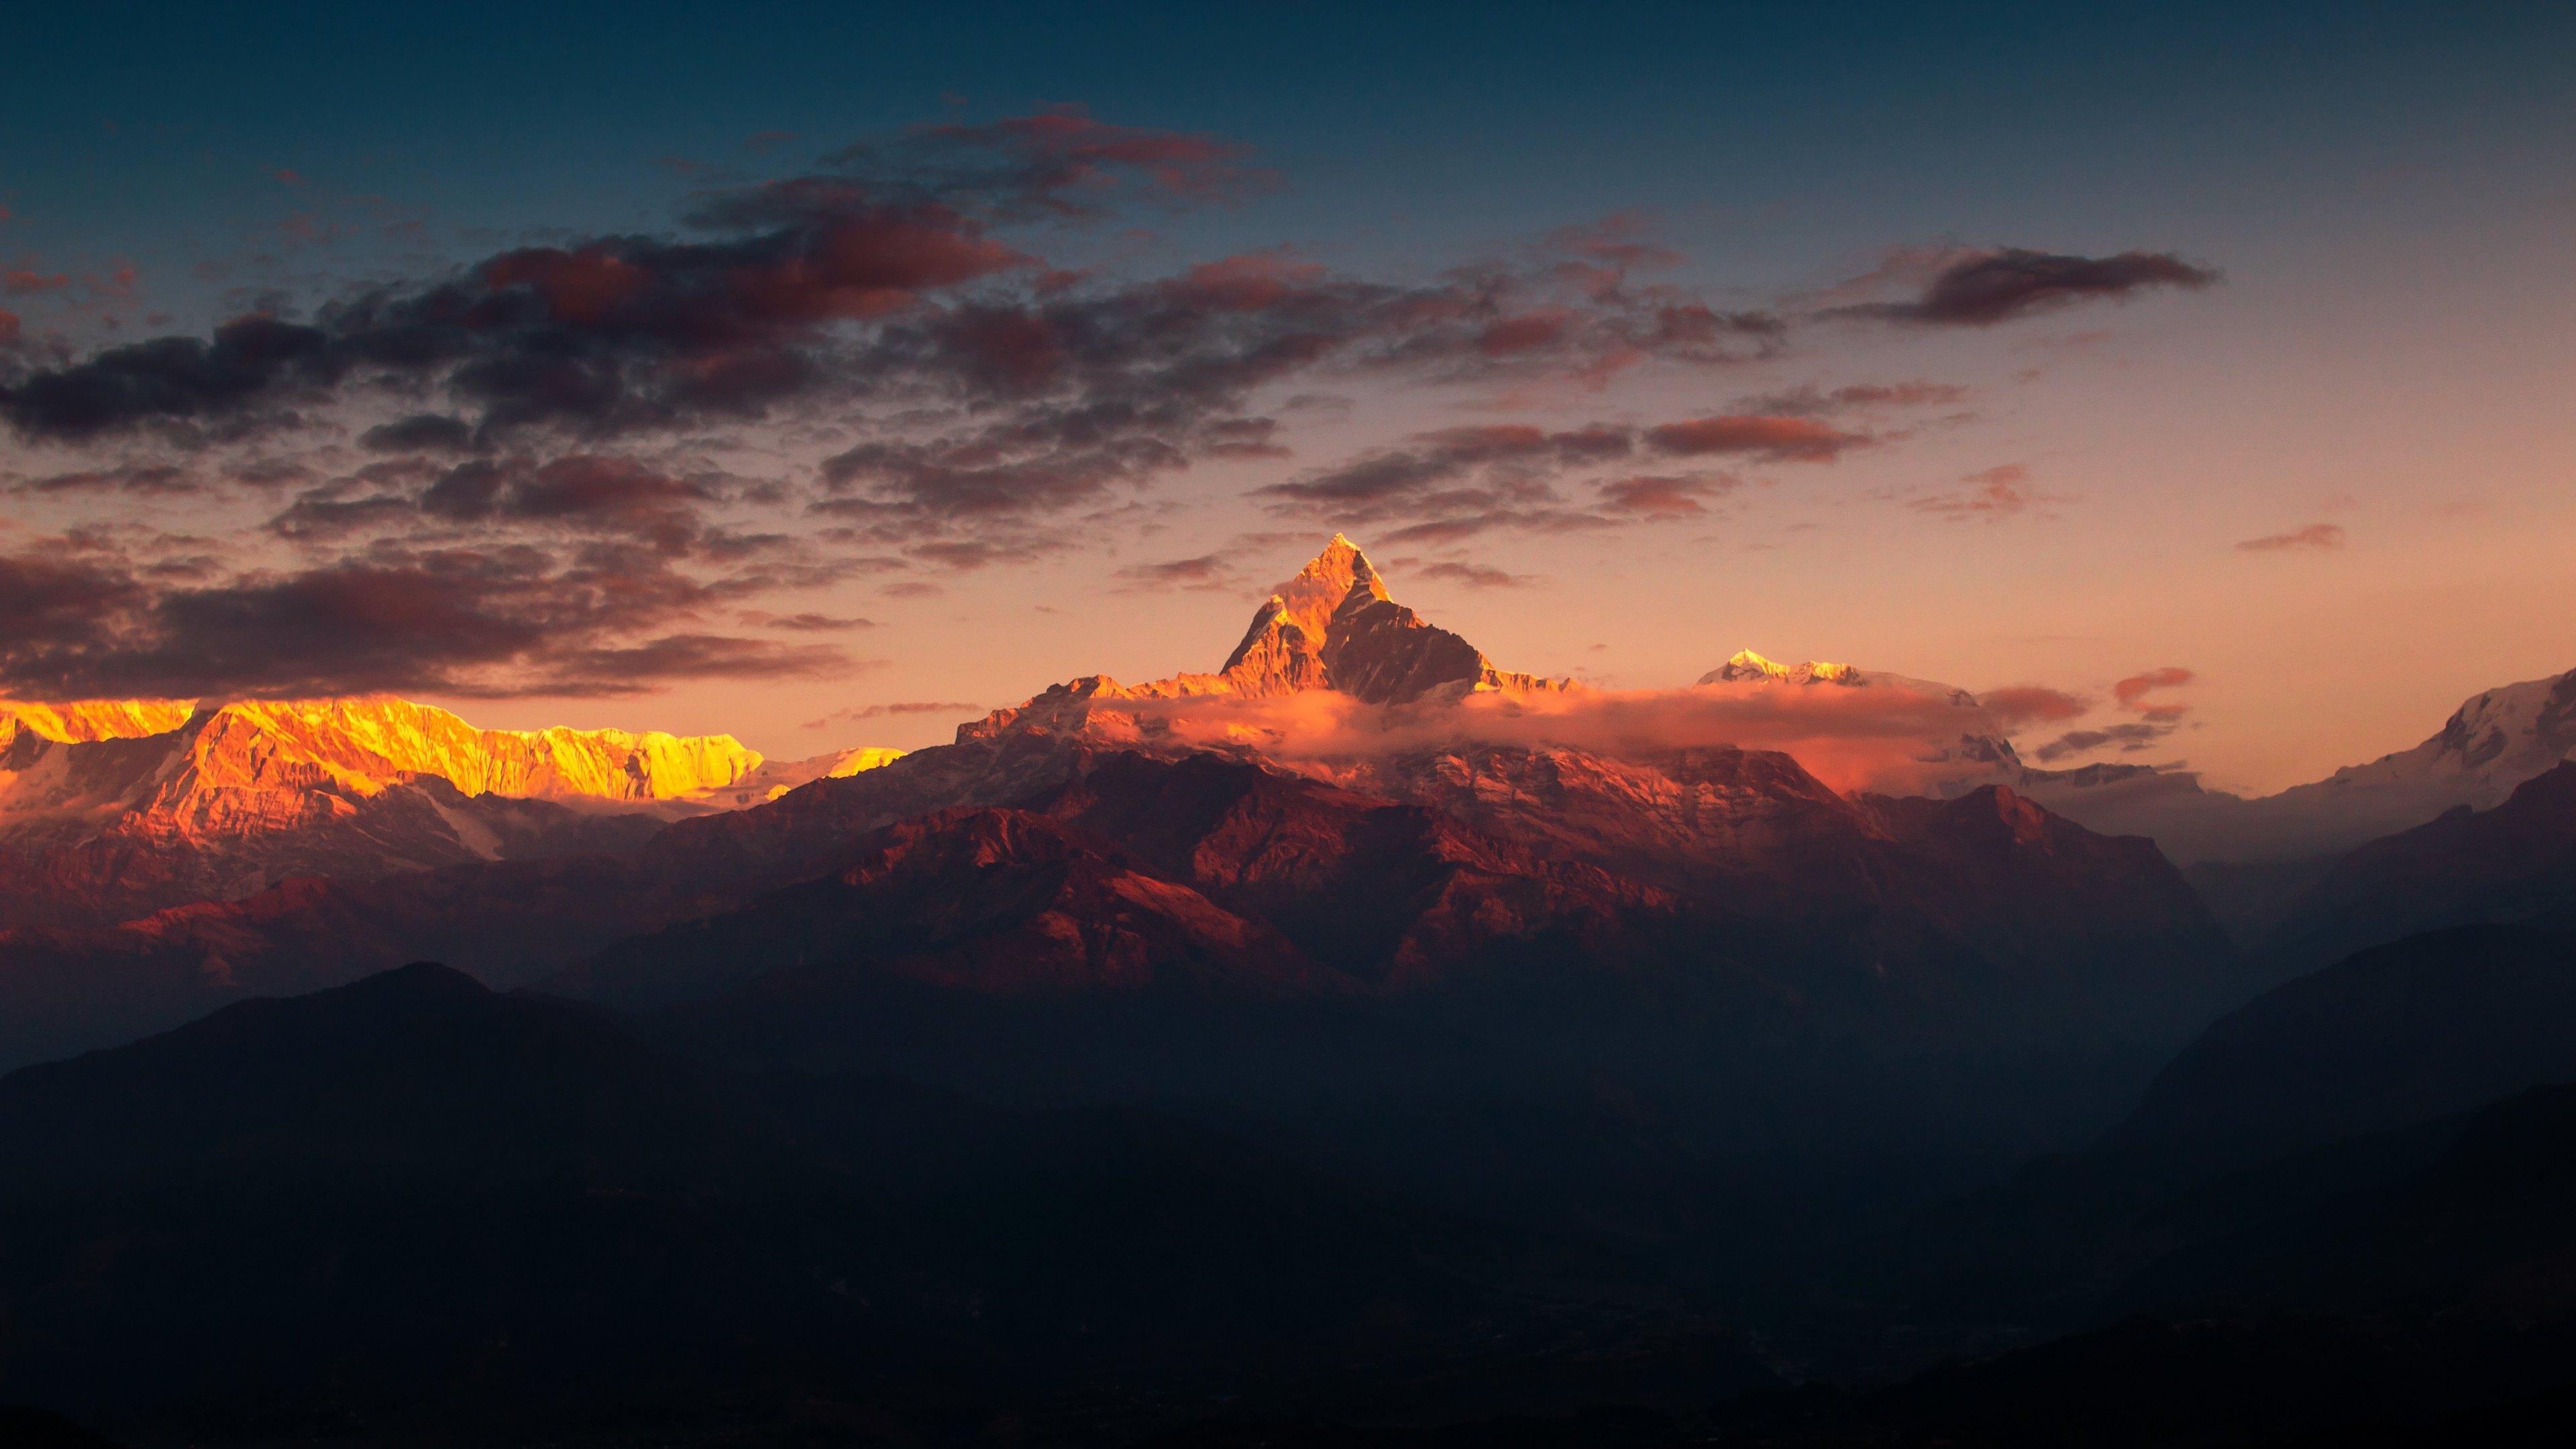 himalayas 4k 1551643257 - Himalayas 4k - nature wallpapers, mountains wallpapers, landscape wallpapers, himalayas wallpapers, hd-wallpapers, 5k wallpapers, 4k-wallpapers